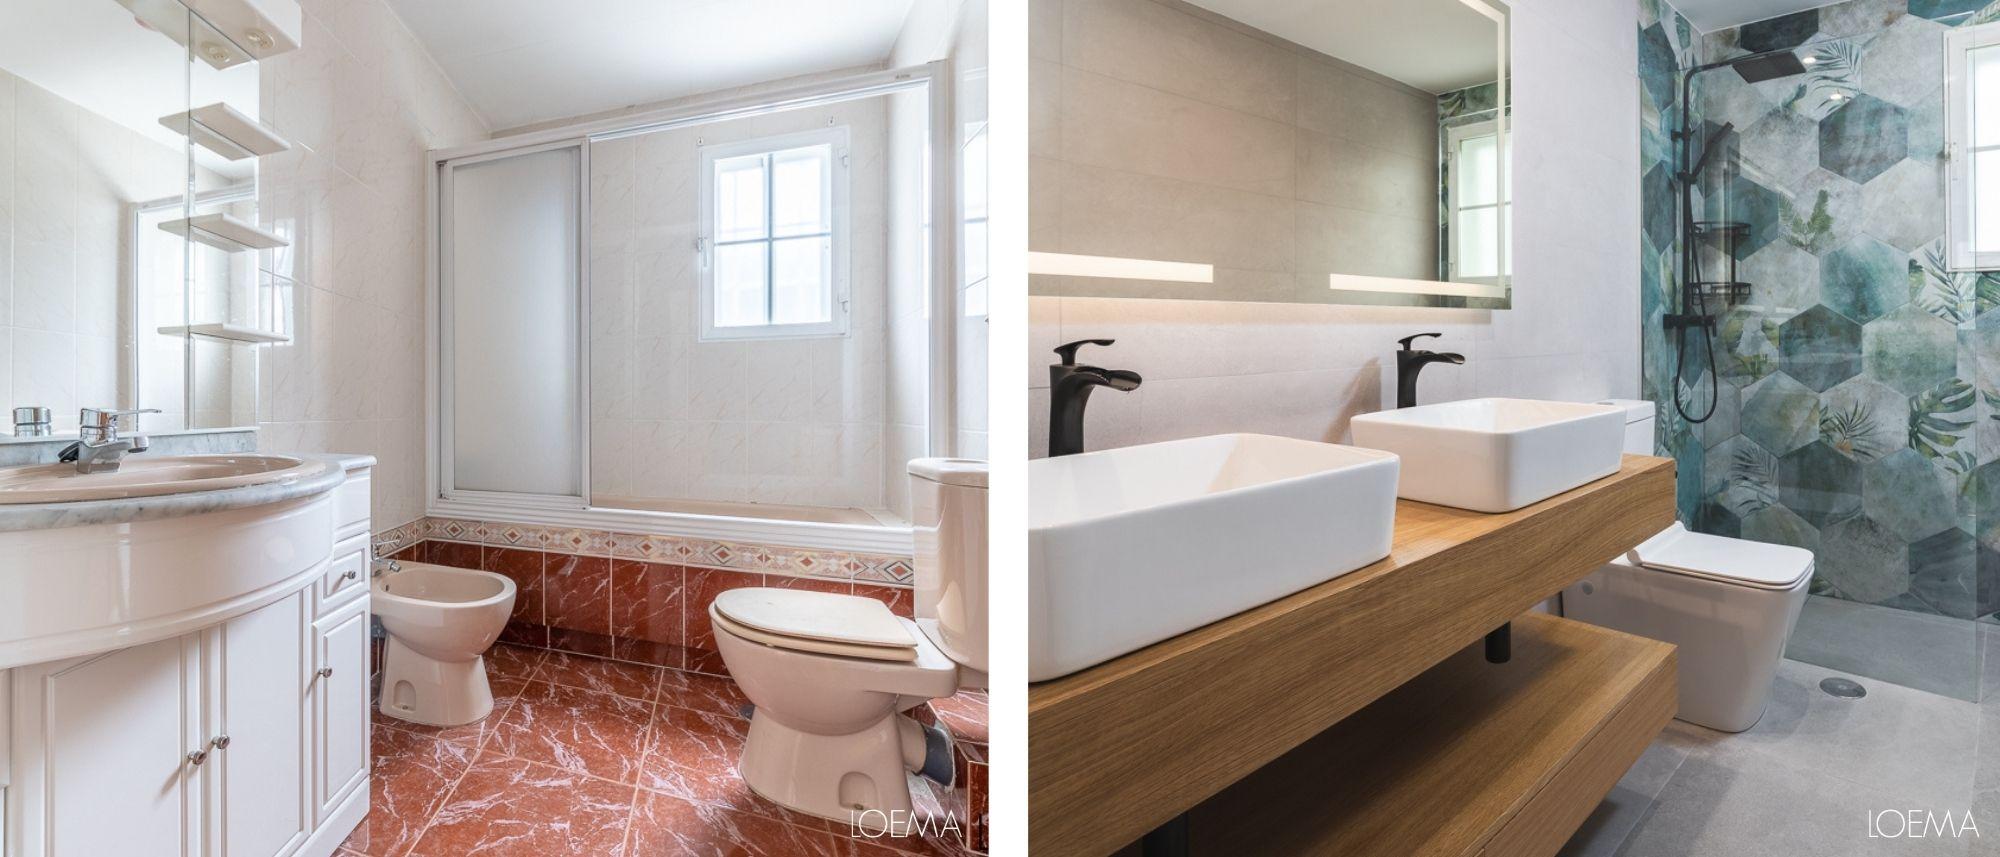 Reforma integral baño antes y despues